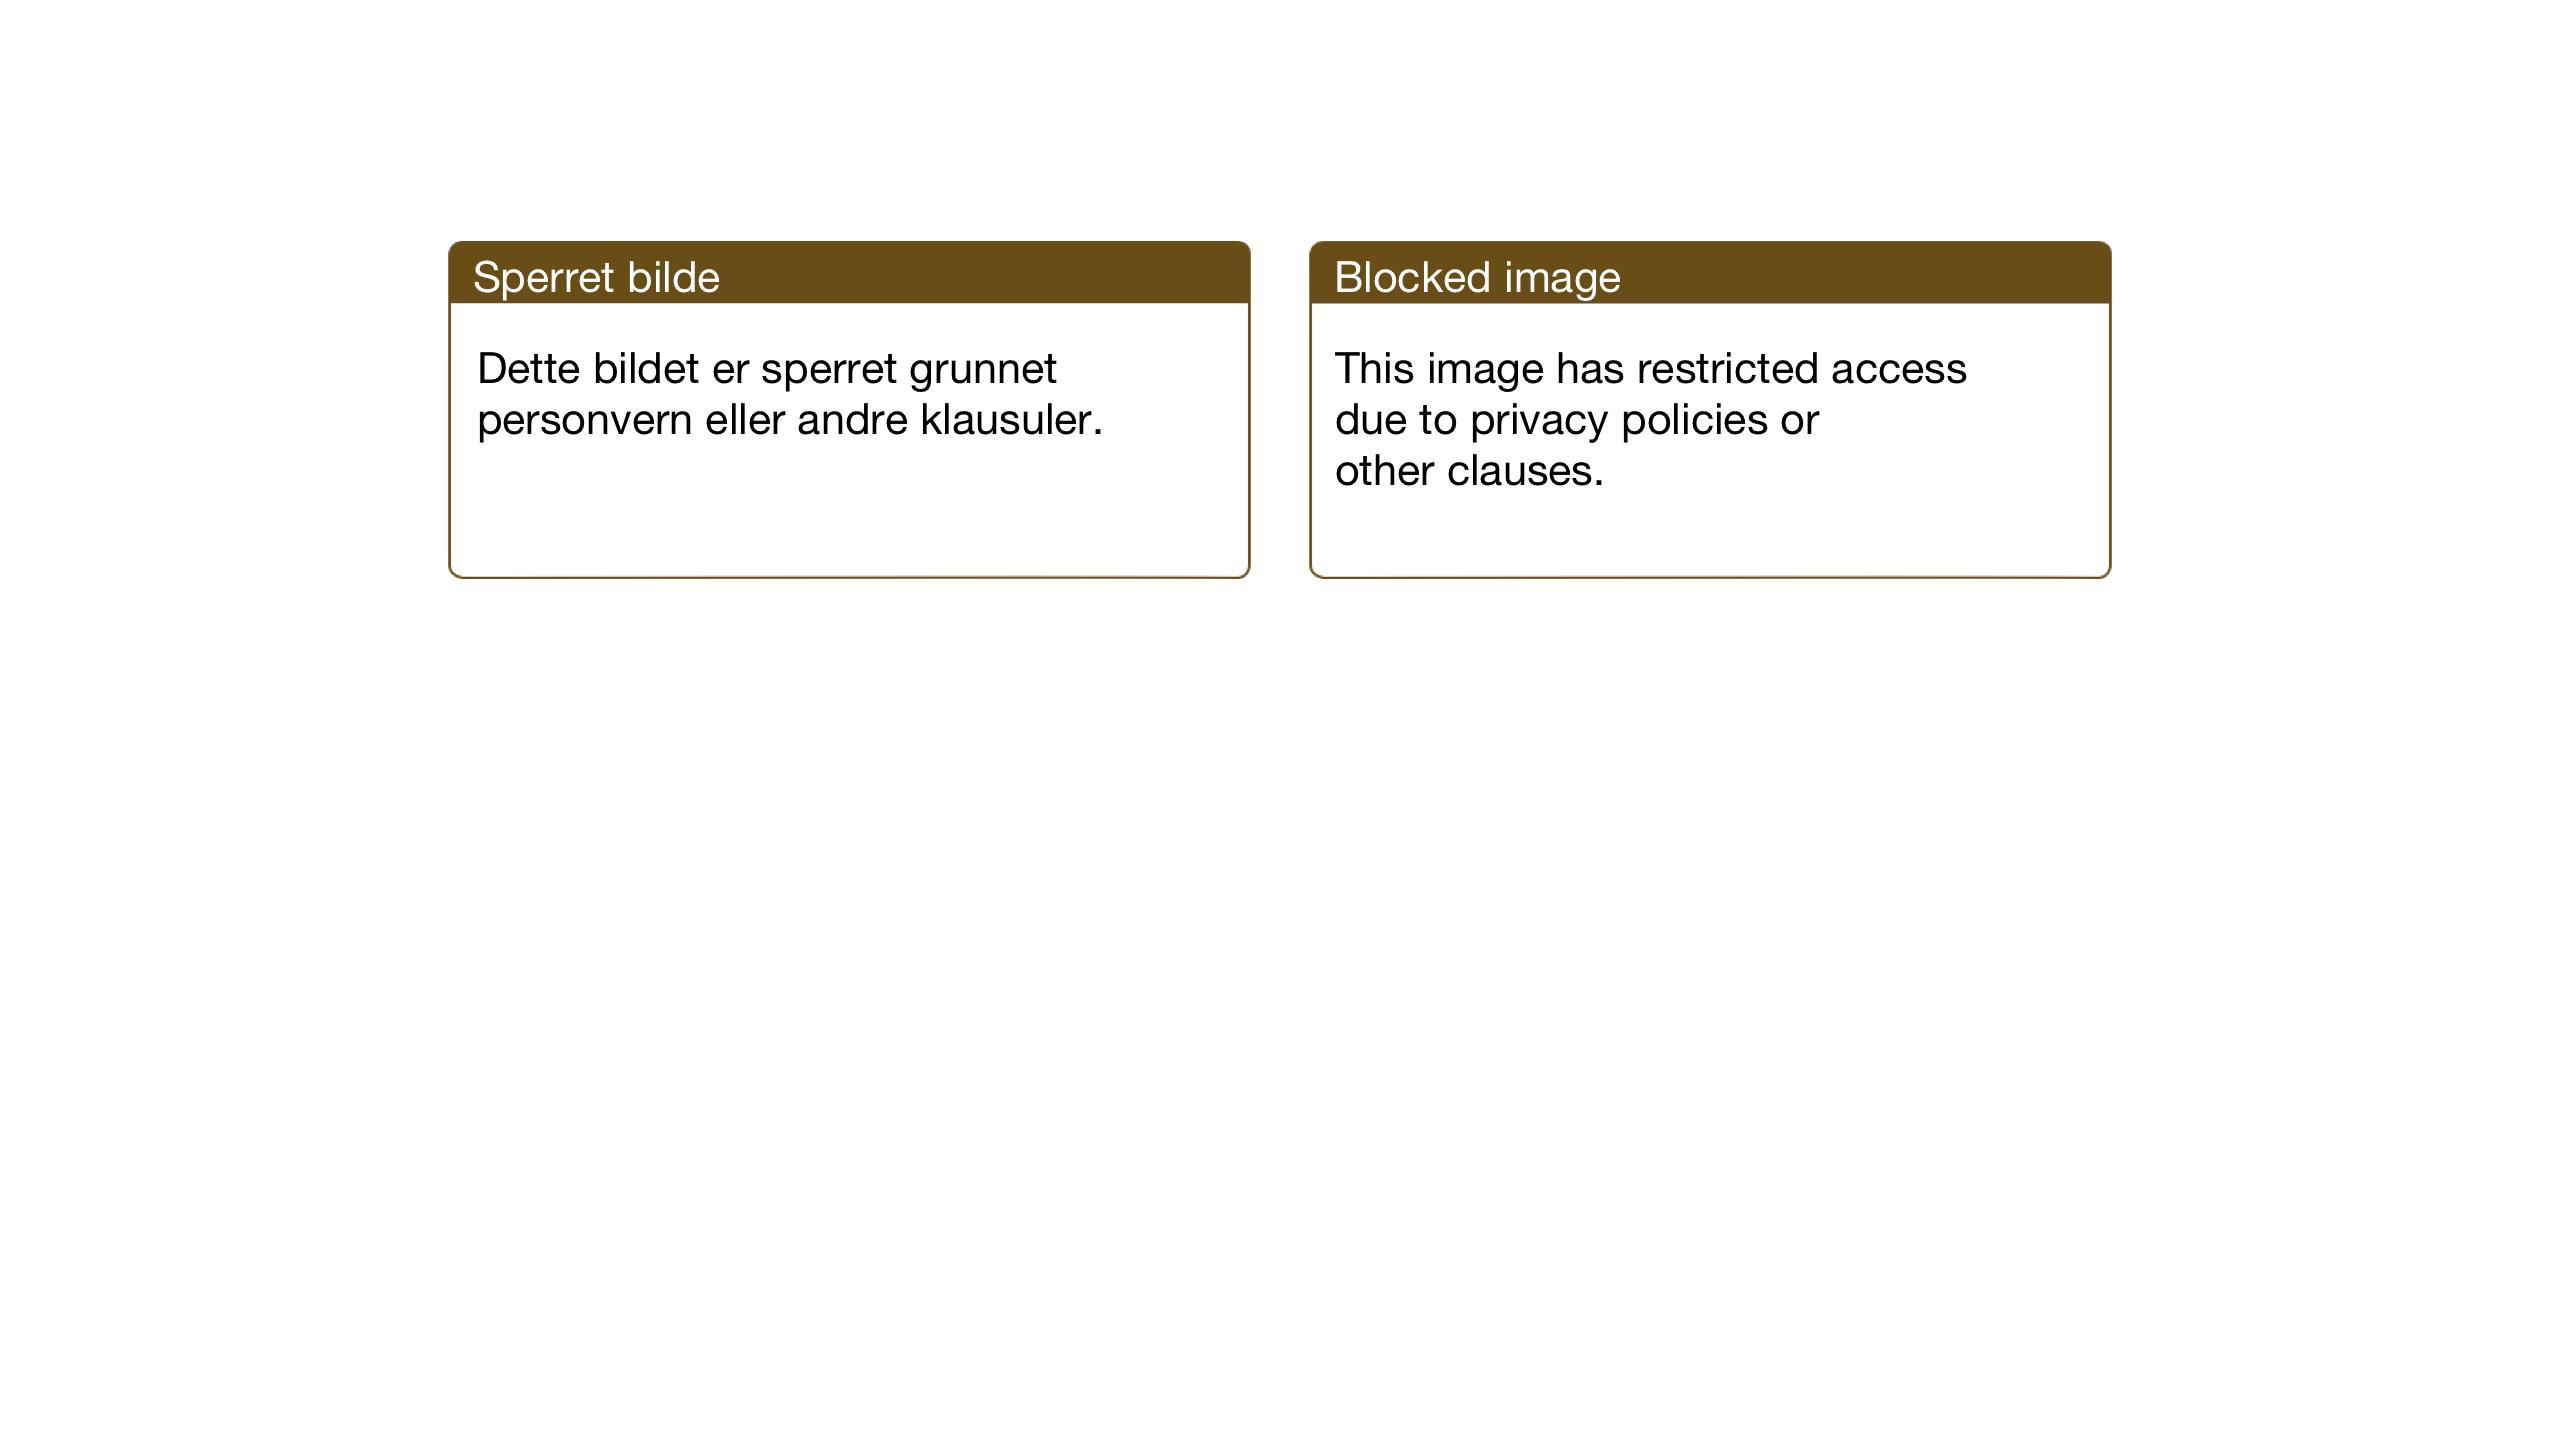 SAT, Ministerialprotokoller, klokkerbøker og fødselsregistre - Nord-Trøndelag, 733/L0328: Klokkerbok nr. 733C03, 1919-1966, s. 52